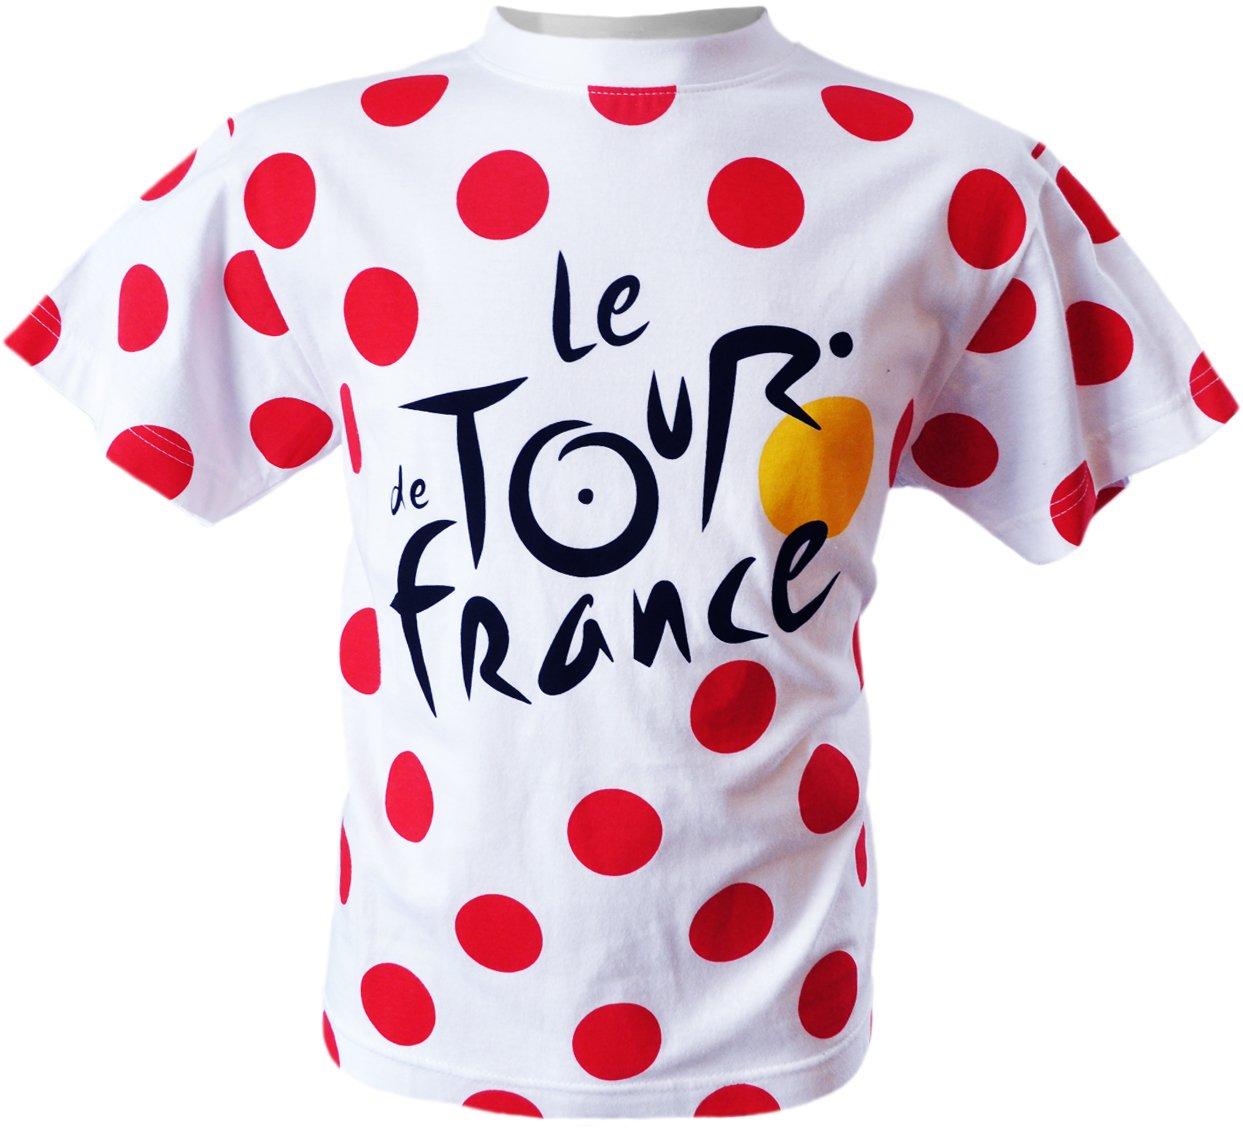 Tour de France TDF-SE-3065 Children's T-Shirt with Polka Dots